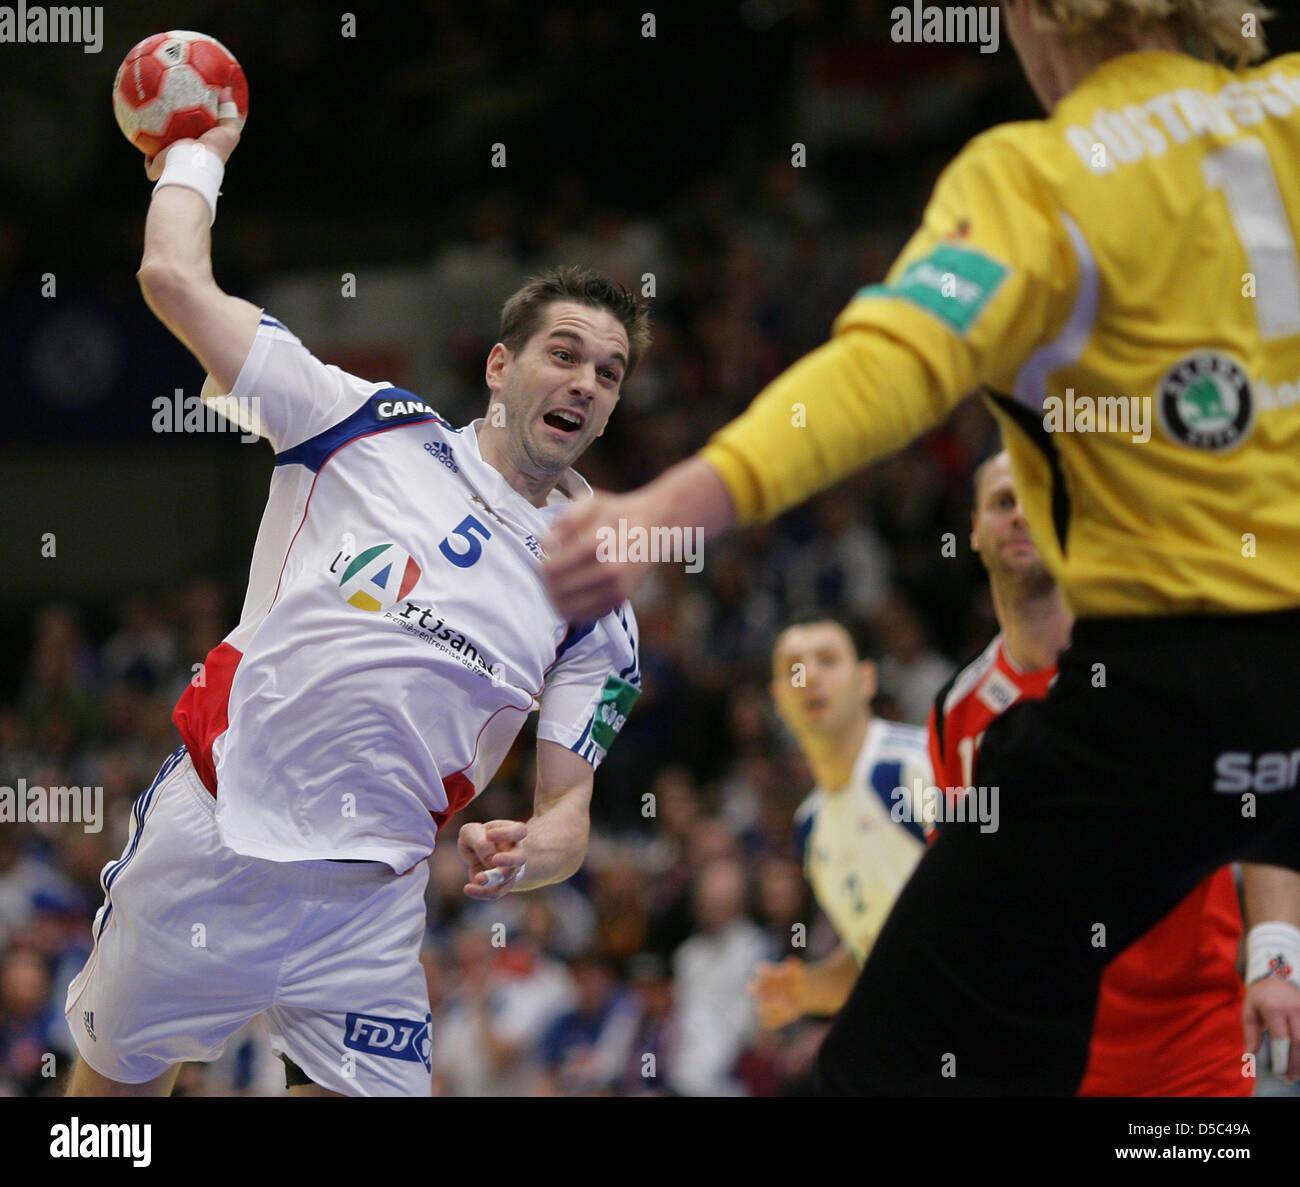 Handball-Europameisterschaft in Österreich: am Samstag (30.01.2010) in Wien. Halbfinale, Island - Frankreich. - Stock Image